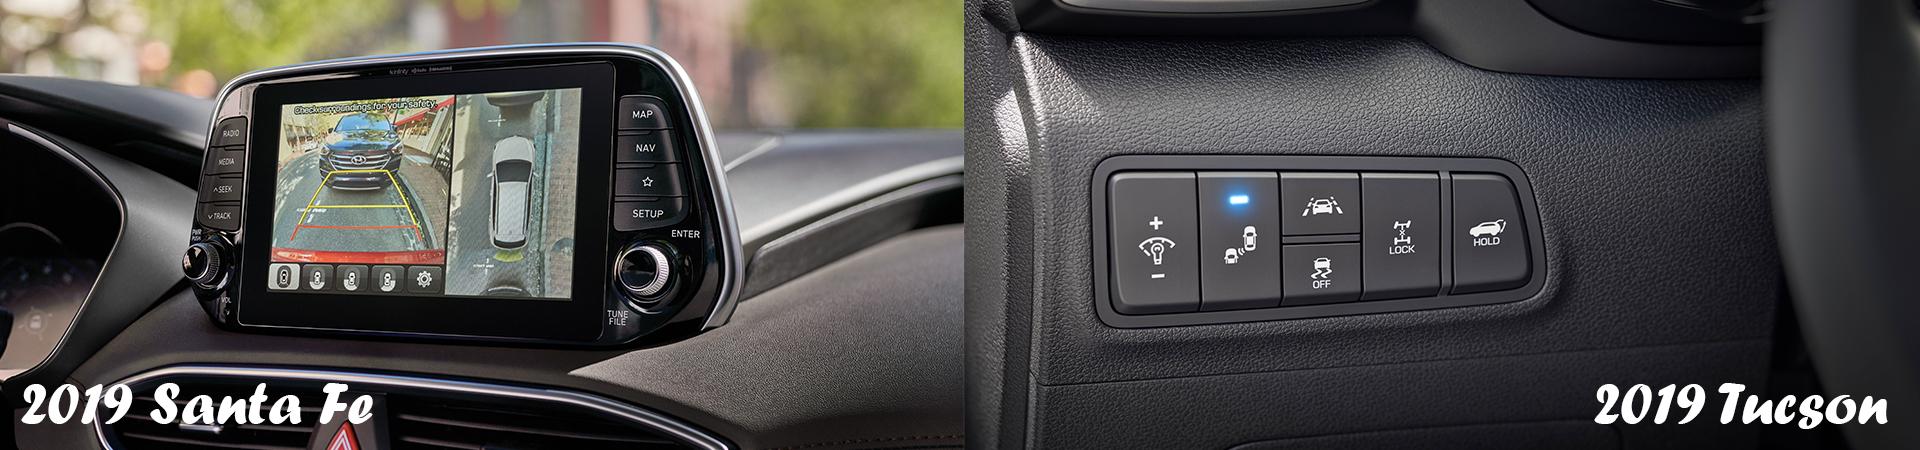 The 2019 Hyundai Santa Fe and the 2019 Hyundai Tucson